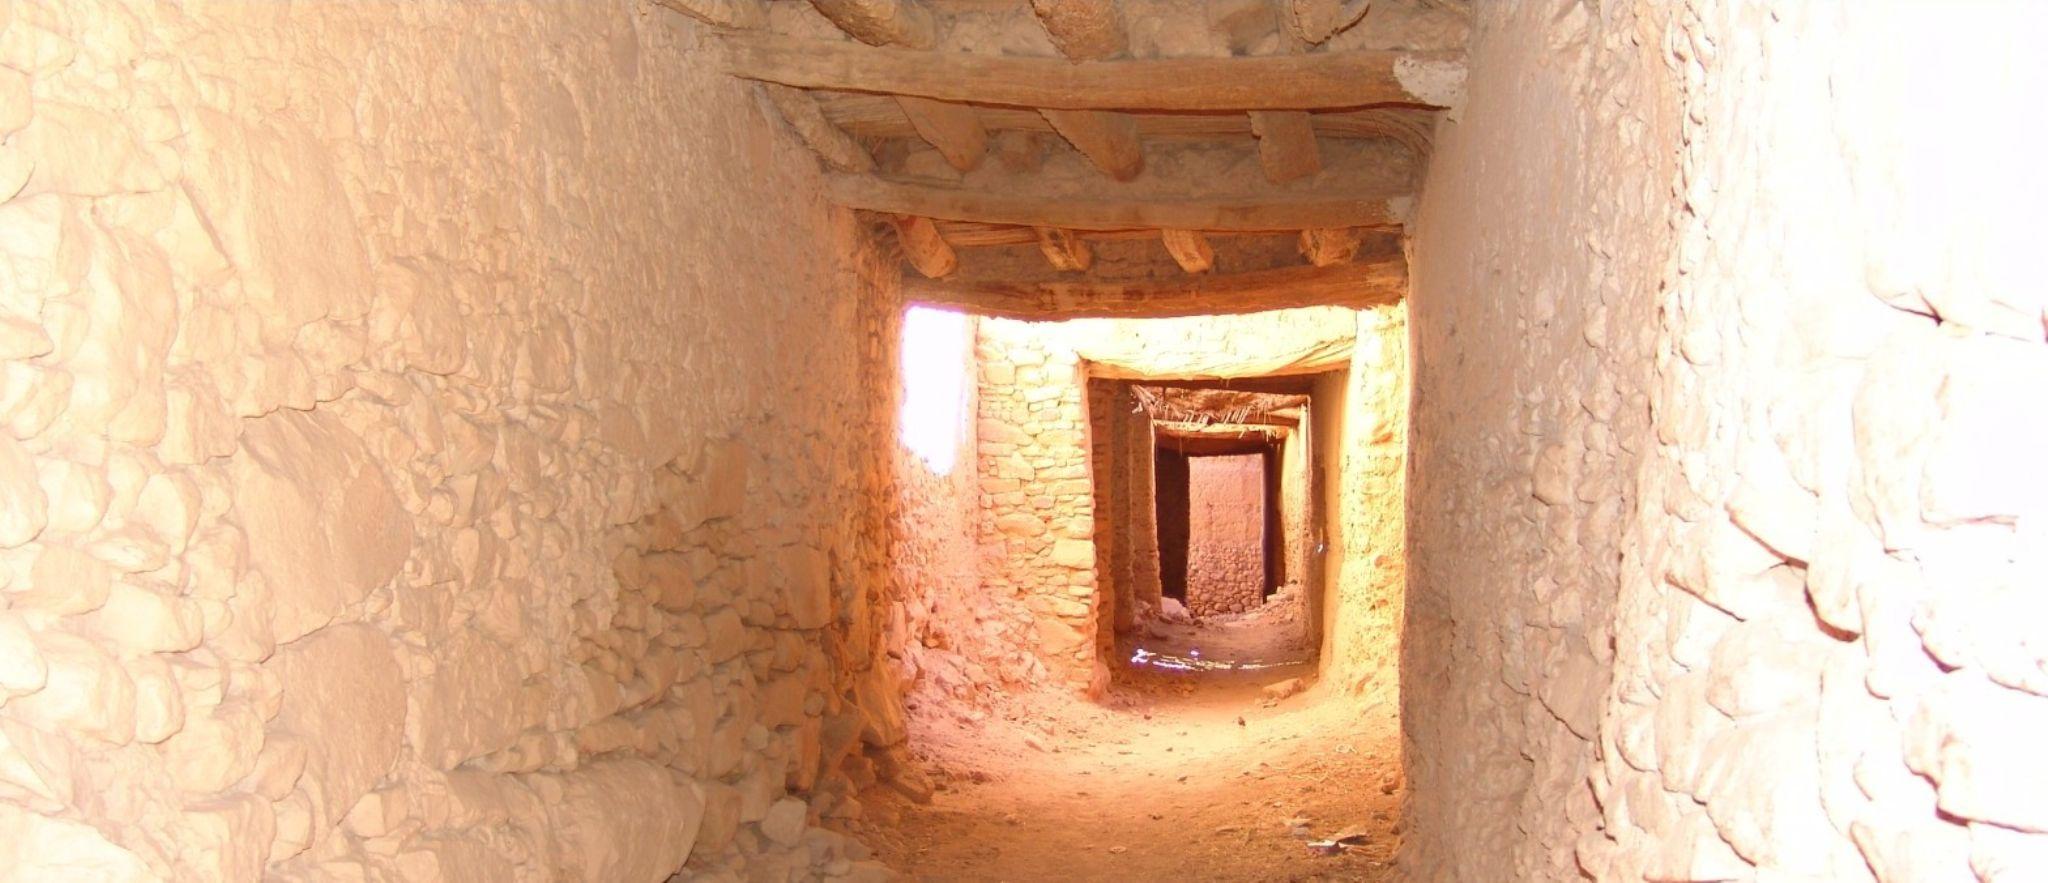 Older neighborhoods in tagadirt by harouib